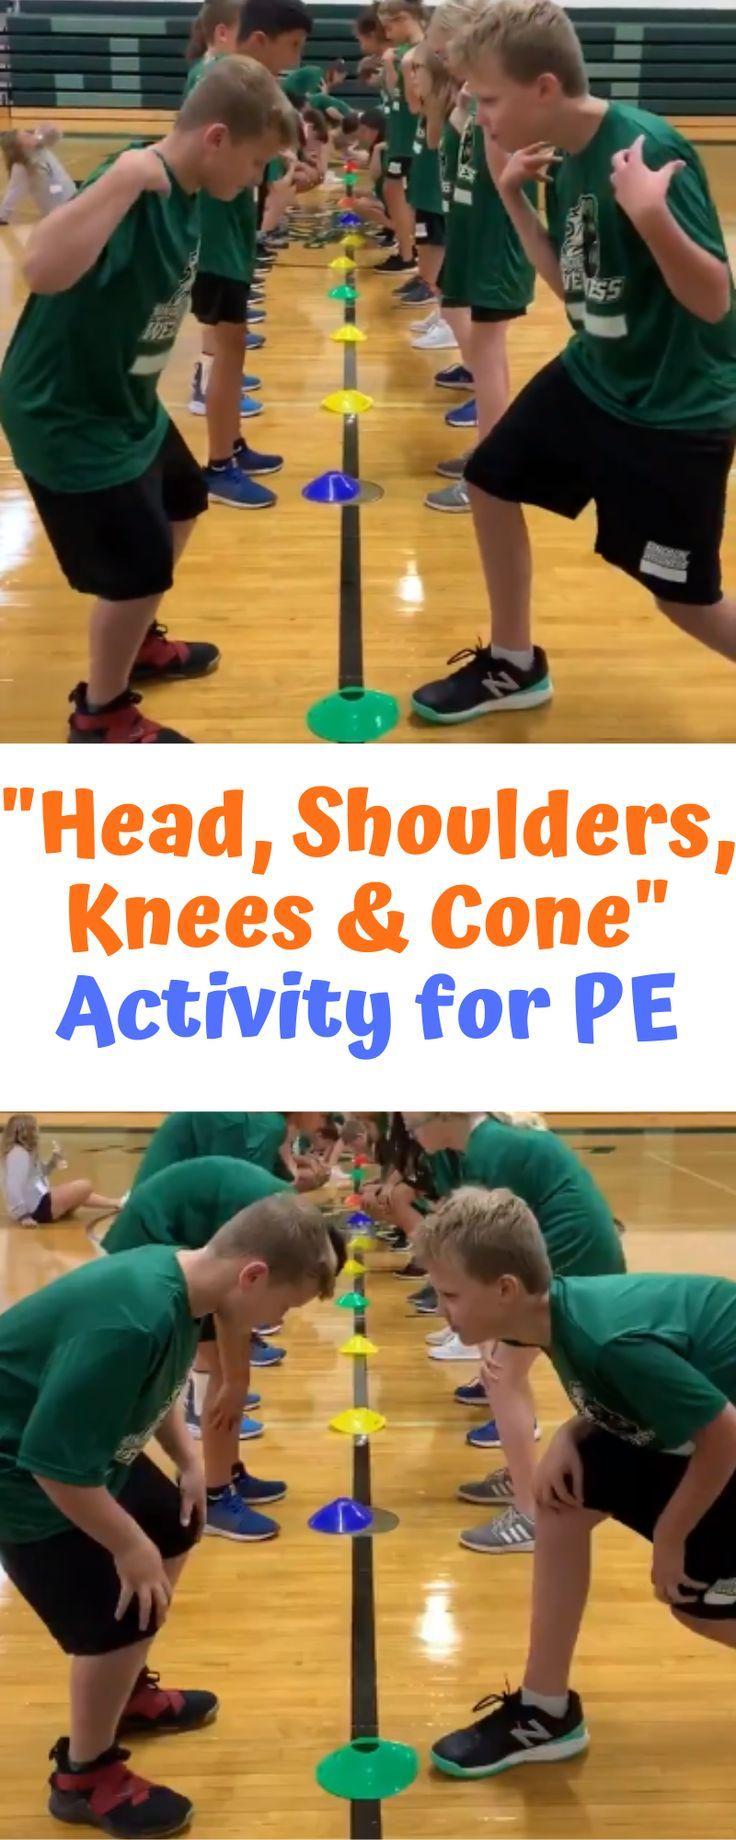 Head, Shoulders, Knees & Cone Activity for PE